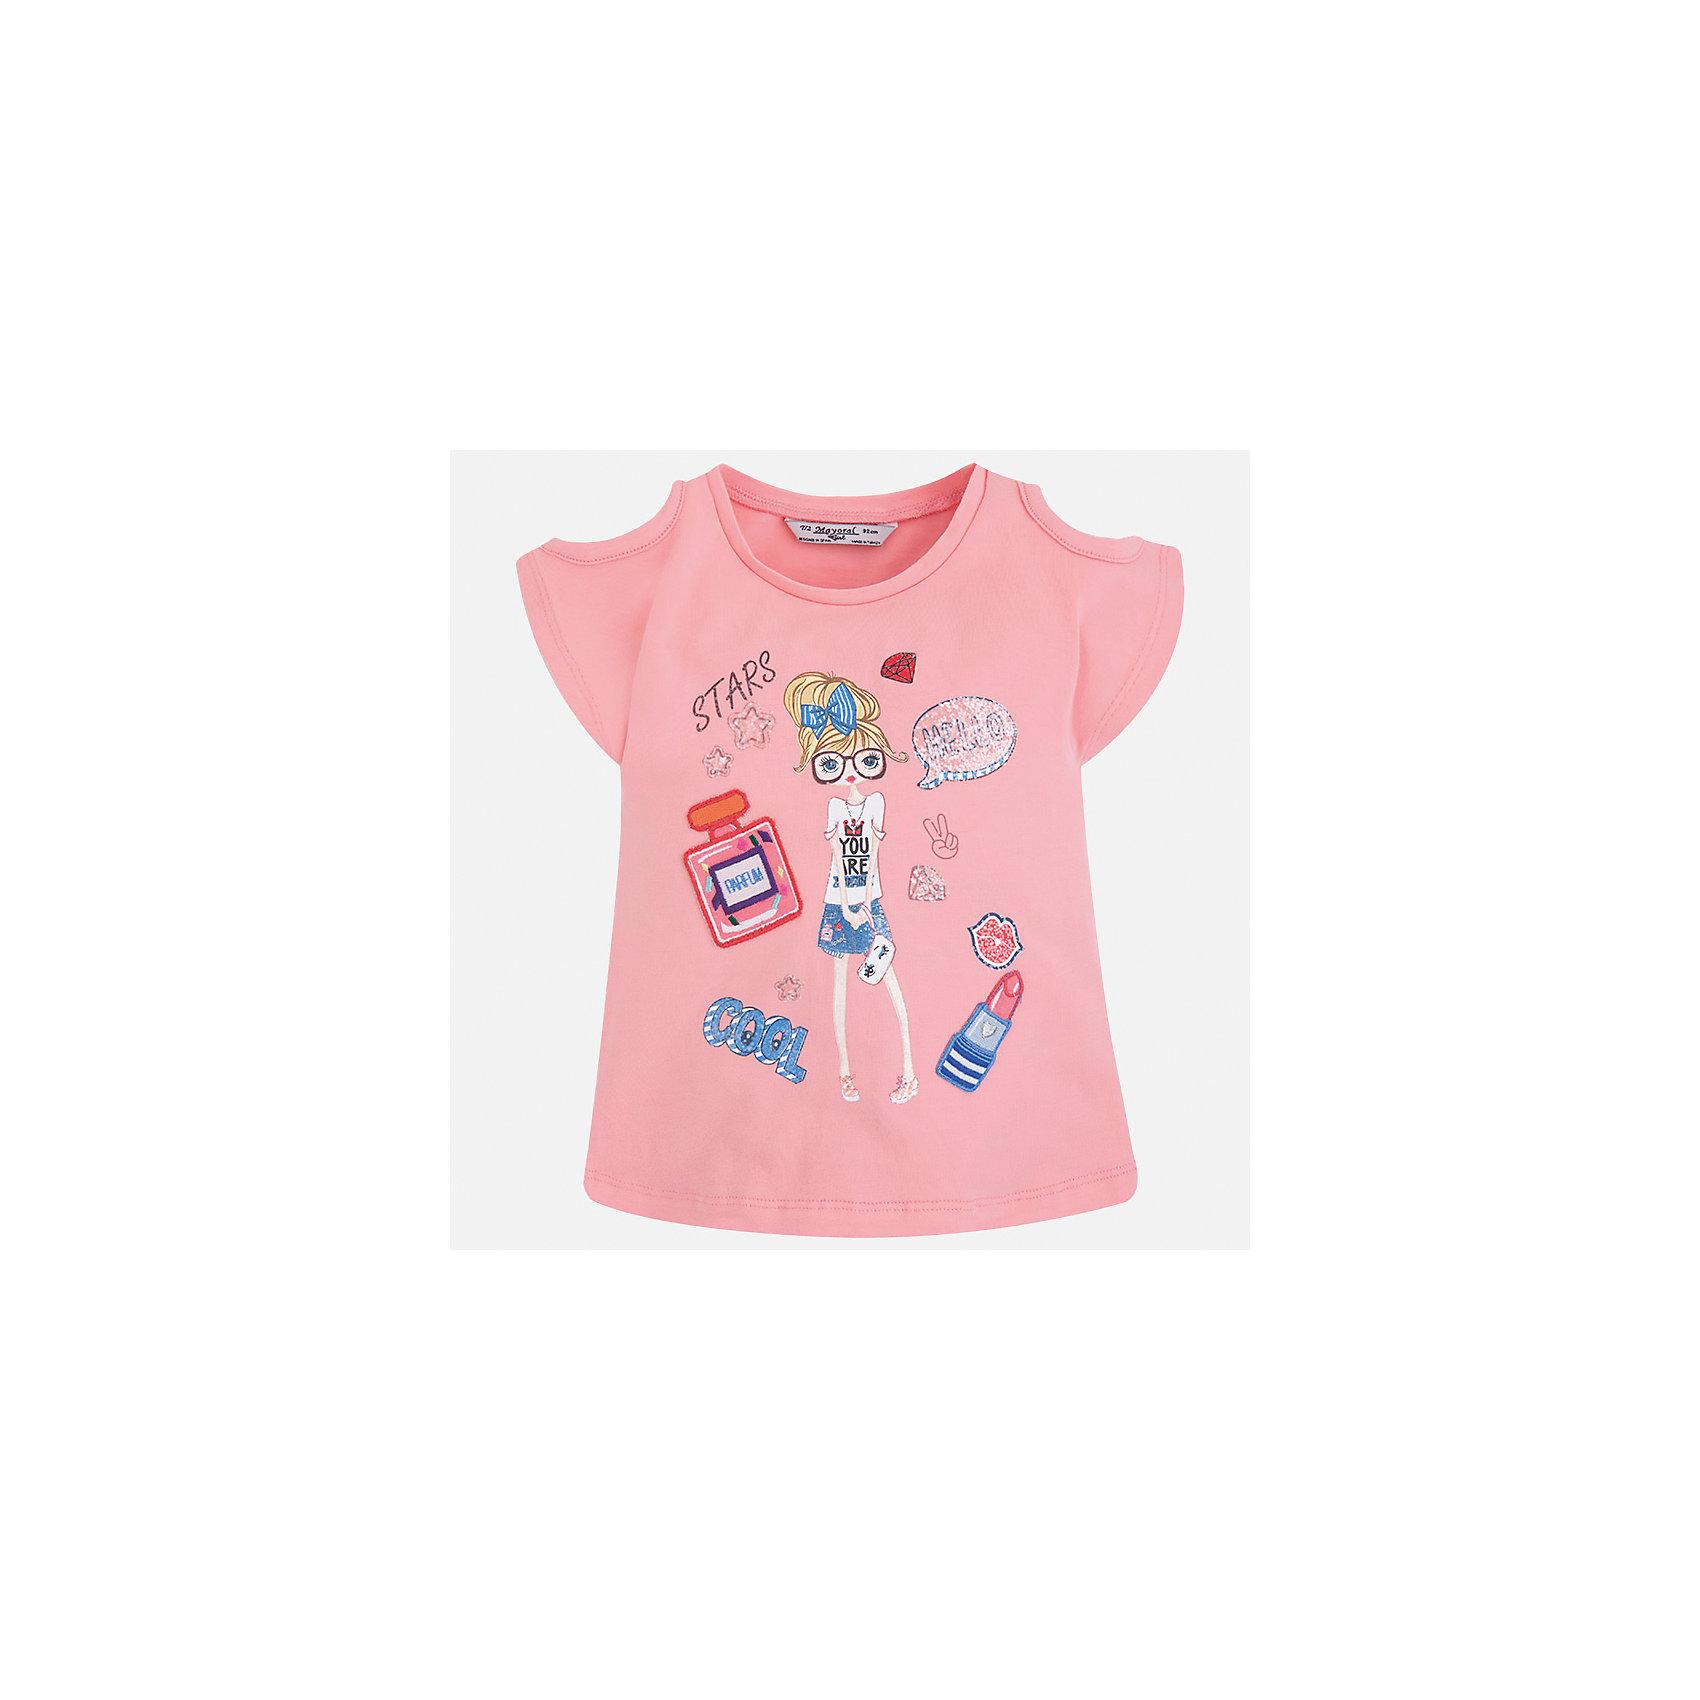 Футболка для девочки MayoralФутболки, поло и топы<br>Характеристики товара:<br><br>• цвет: розовый<br>• состав: 95% хлопок, 5% эластан<br>• эластичный материал<br>• декорирована принтом<br>• короткие рукава<br>• фактурные плечи<br>• округлый горловой вырез<br>• страна бренда: Испания<br><br>Модная качественная футболка для девочки поможет разнообразить гардероб ребенка и украсить наряд. Она отлично сочетается и с юбками, и с шортами, и с брюками. Универсальный цвет позволяет подобрать к вещи низ практически любой расцветки. Интересная отделка модели делает её нарядной и оригинальной. В составе материала есть натуральный хлопок, гипоаллергенный, приятный на ощупь, дышащий.<br><br>Одежда, обувь и аксессуары от испанского бренда Mayoral полюбились детям и взрослым по всему миру. Модели этой марки - стильные и удобные. Для их производства используются только безопасные, качественные материалы и фурнитура. Порадуйте ребенка модными и красивыми вещами от Mayoral! <br><br>Футболку для девочки от испанского бренда Mayoral (Майорал) можно купить в нашем интернет-магазине.<br><br>Ширина мм: 199<br>Глубина мм: 10<br>Высота мм: 161<br>Вес г: 151<br>Цвет: розовый<br>Возраст от месяцев: 18<br>Возраст до месяцев: 24<br>Пол: Женский<br>Возраст: Детский<br>Размер: 92,134,98,104,110,116,122,128<br>SKU: 5300244